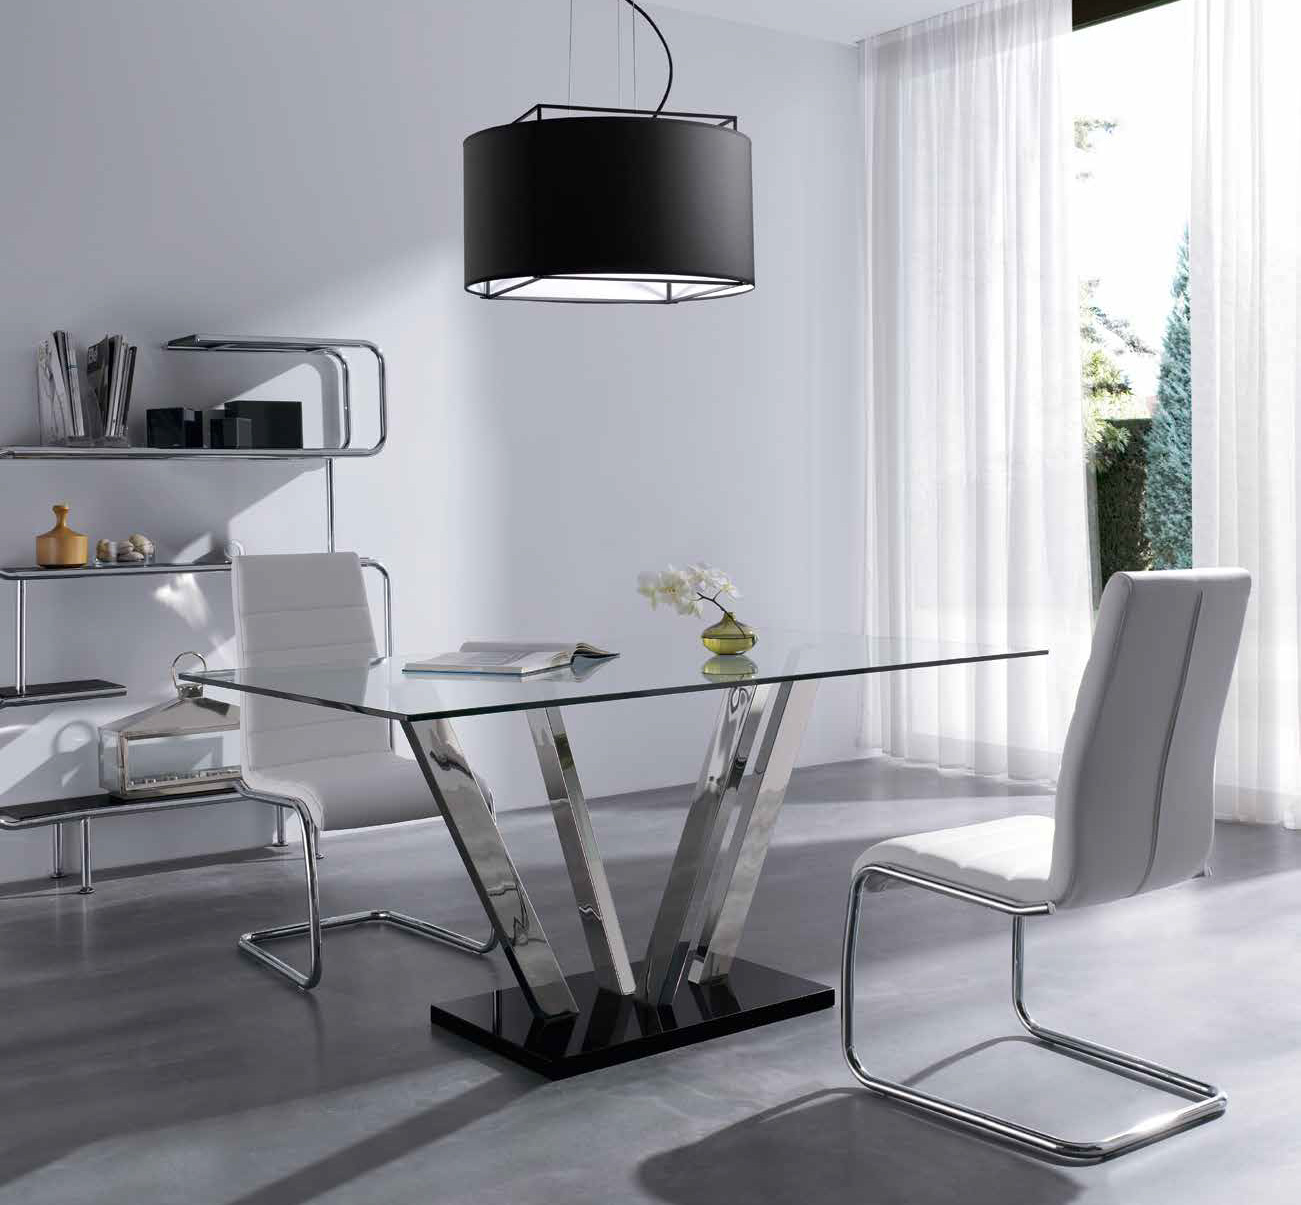 Casas cocinas mueble tu vestidor - Decoracion en cristal interiores ...